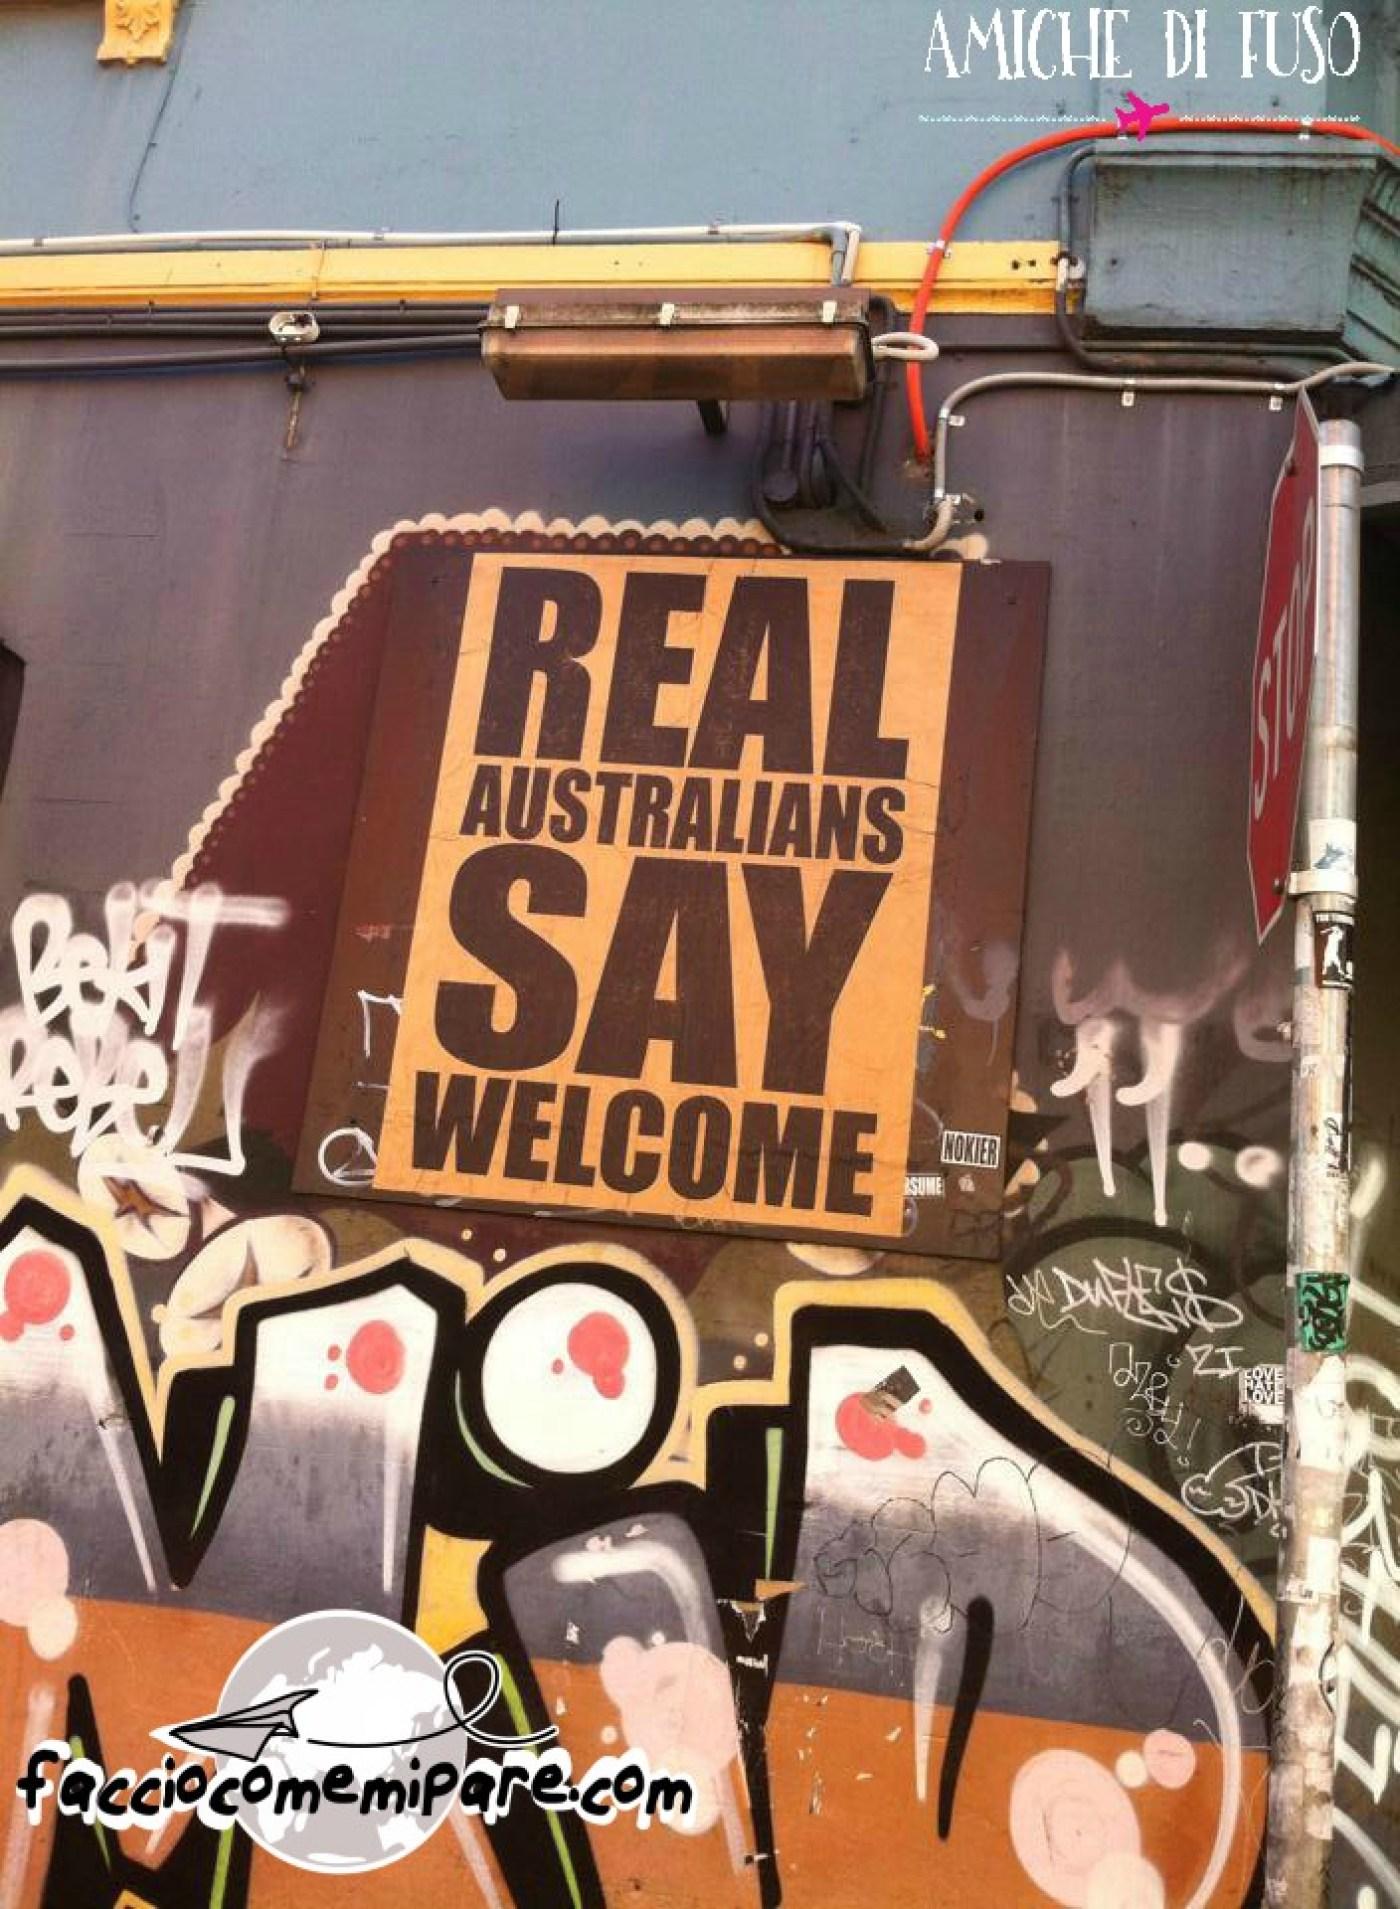 un anno in australia, vivere un anno in australia, faccio come mi pare, facciocomemipare.com, faccio come mi pare blog, blog expat, expat blog, expat, emigrare, vivere in australia, australia, melbourne, vivere a melbourne